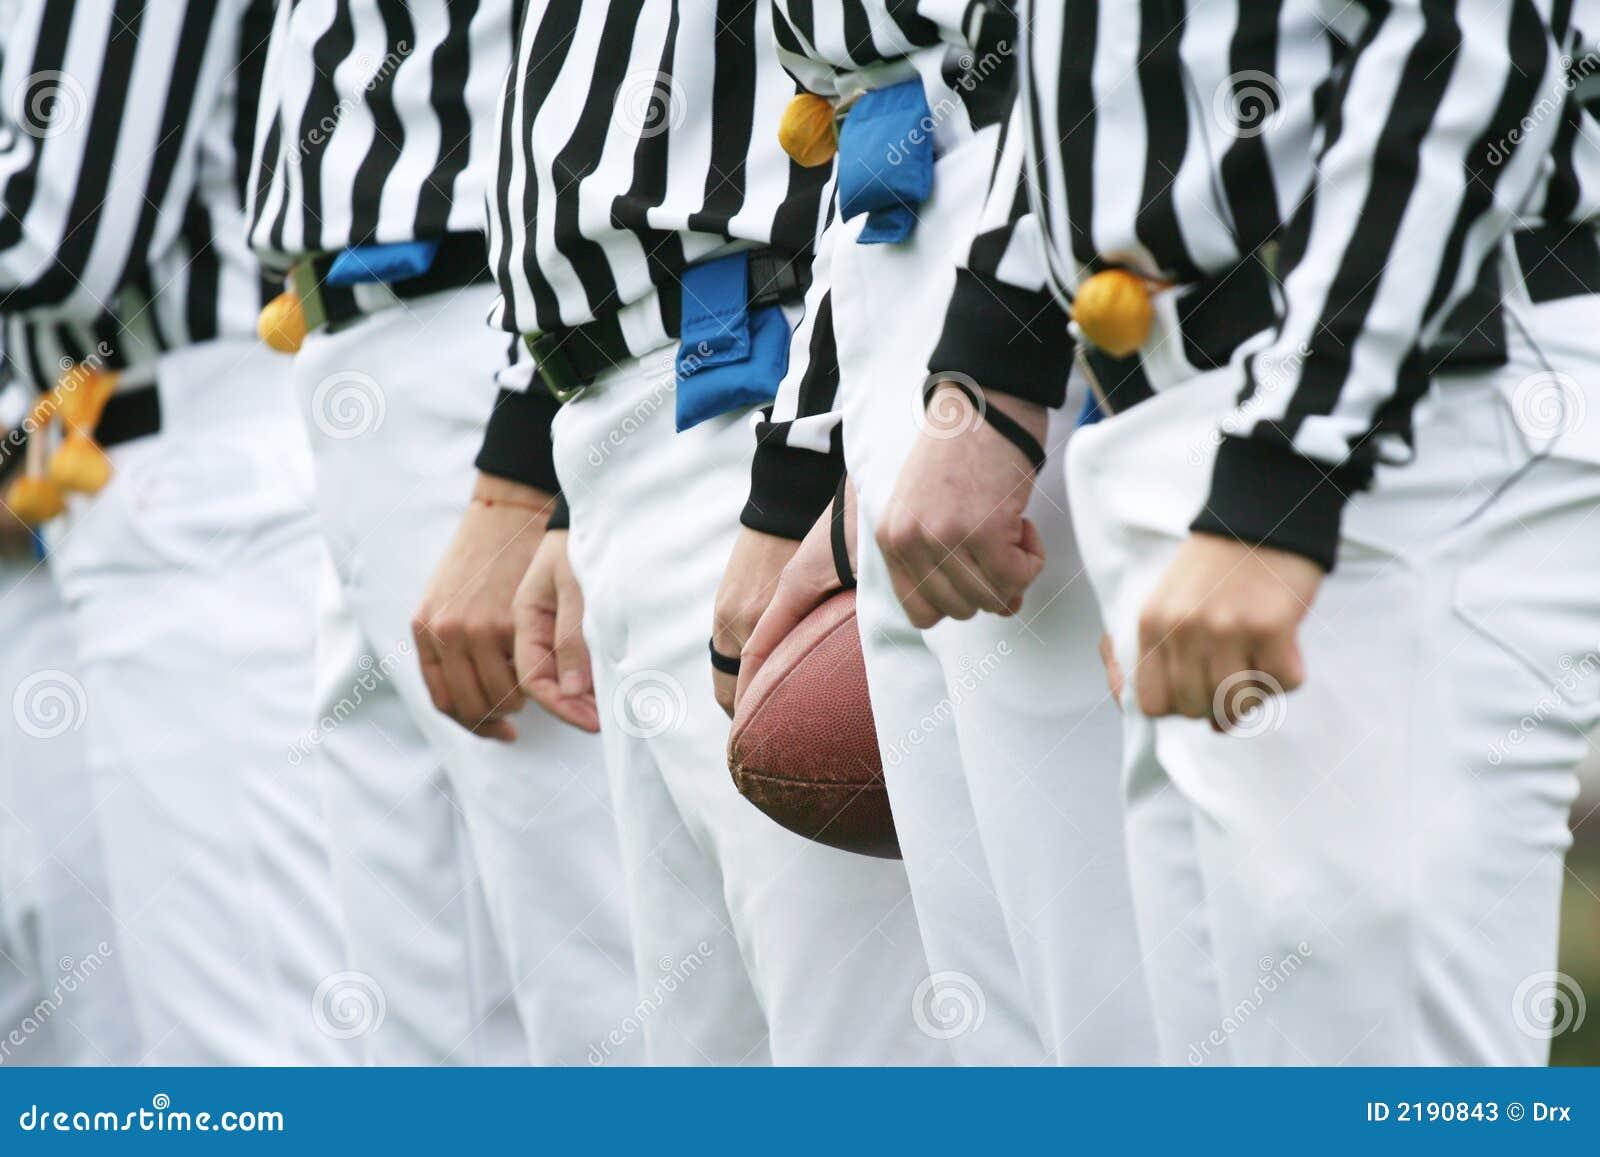 Amerikaanse voetbalScheidsrechters